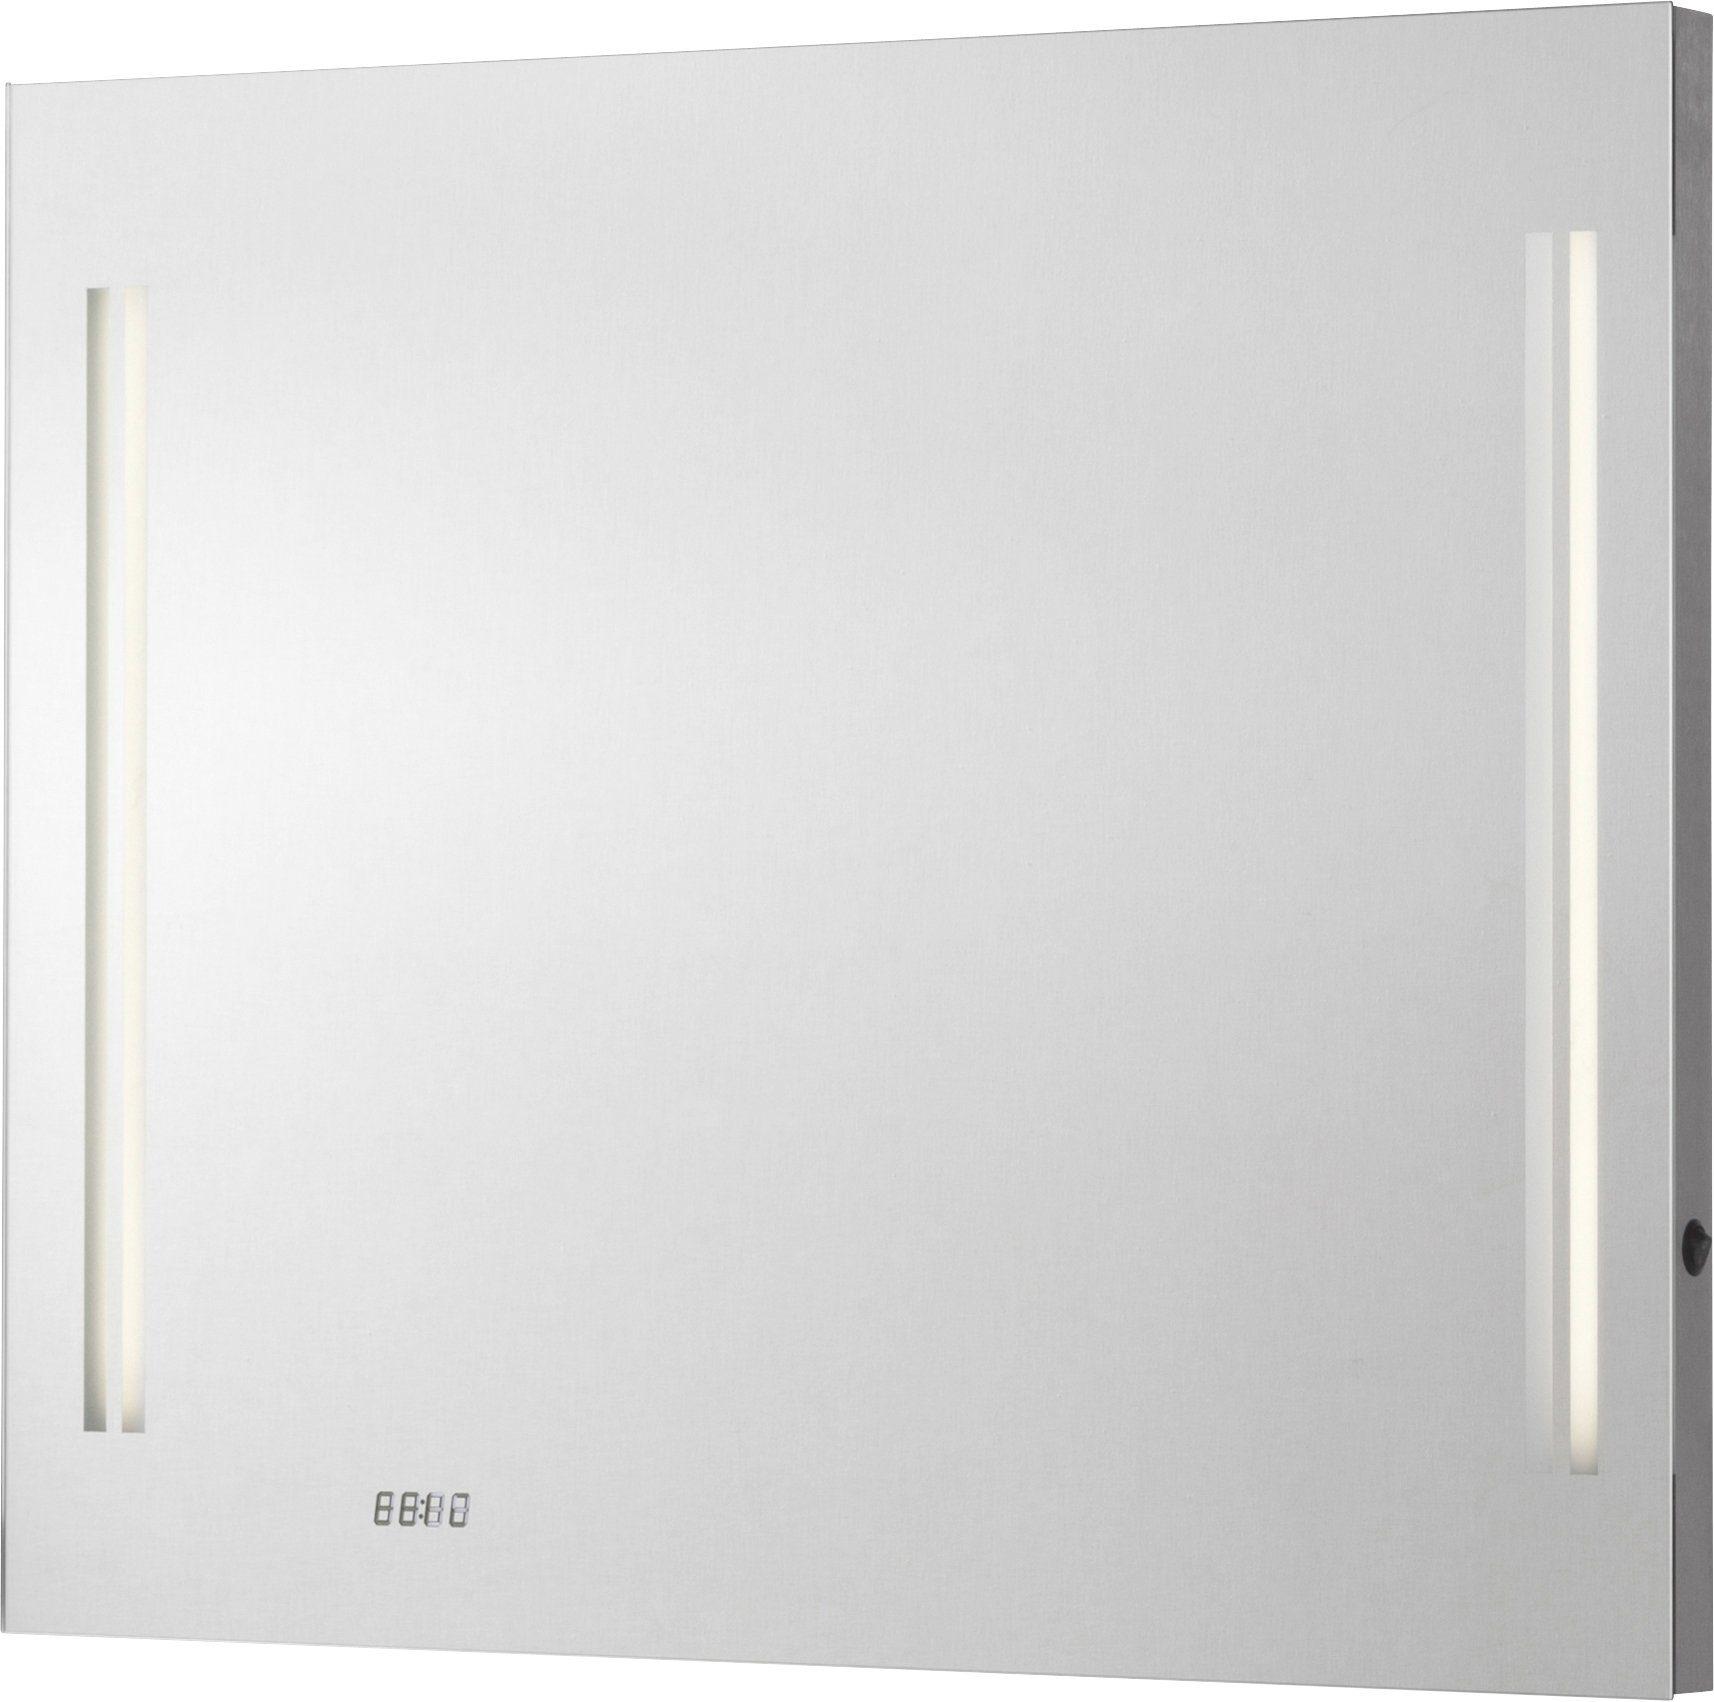 FACKELMANN Spiegelelement »LG80«, Breite 80 cm, mit Uhr